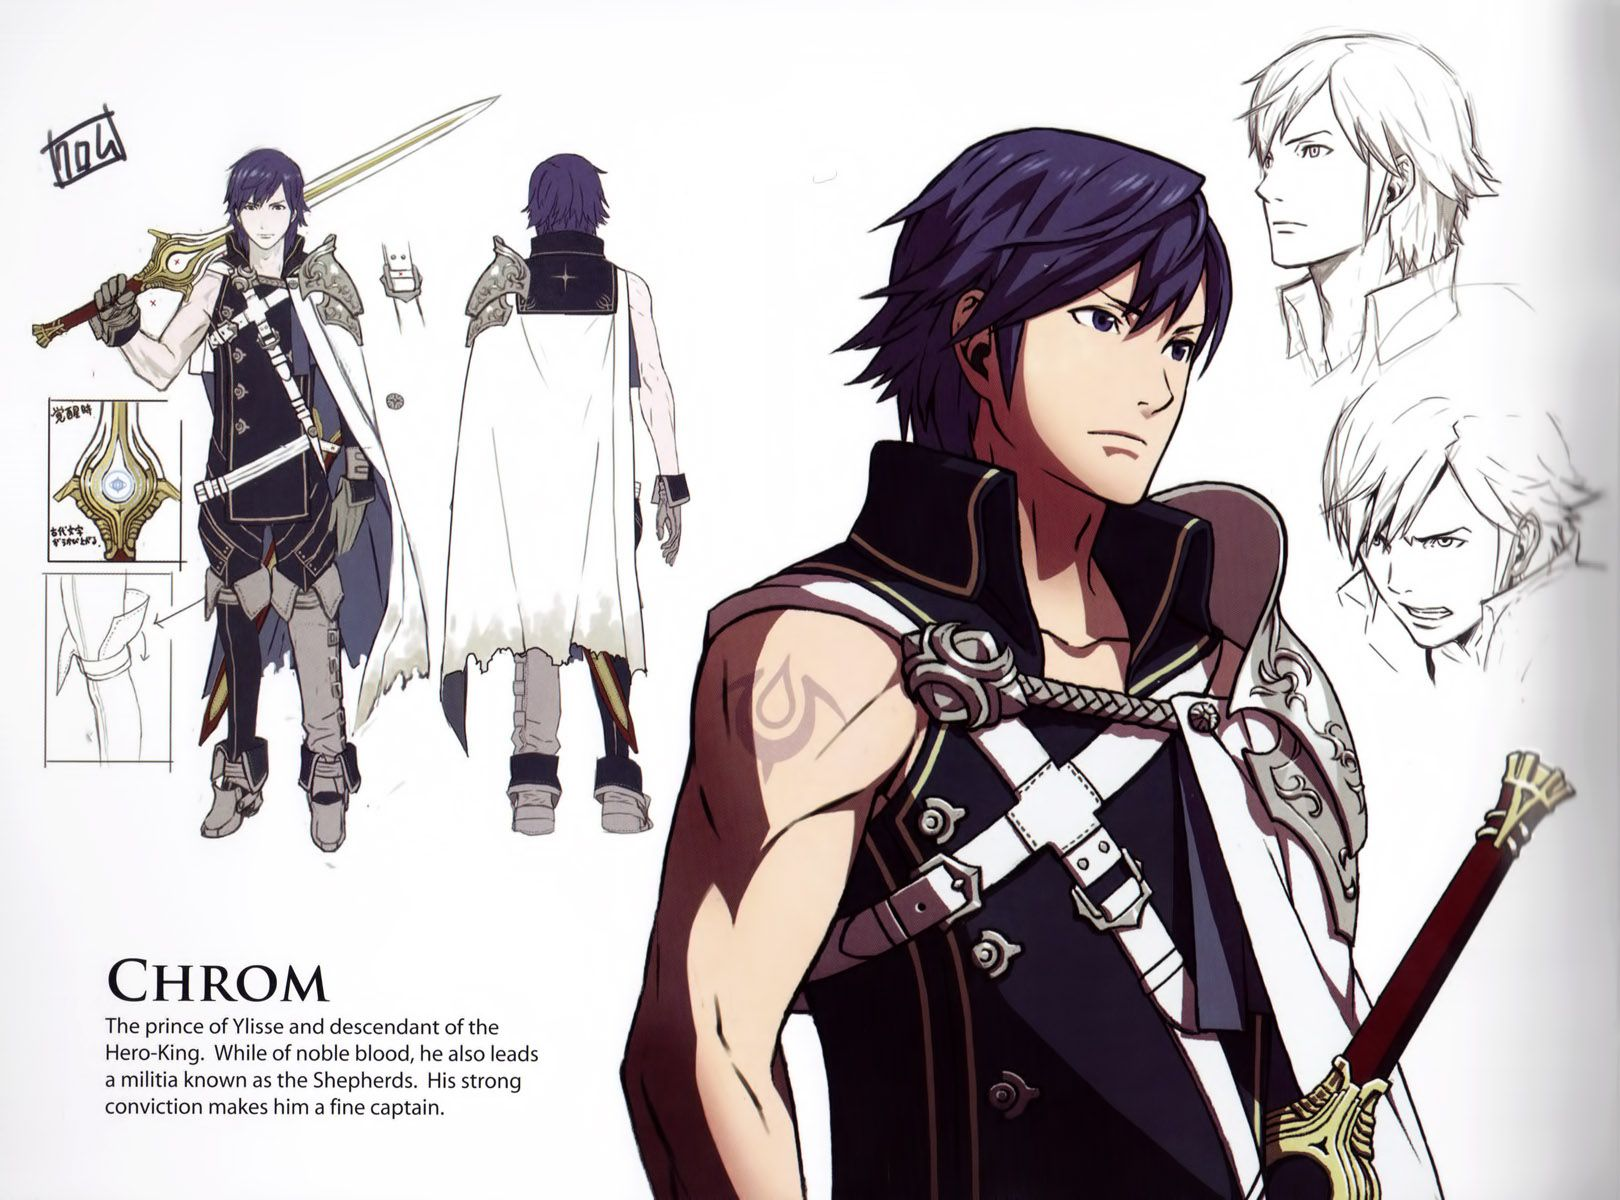 Character Design Zerochan : Chrom fire emblem zerochan videogames